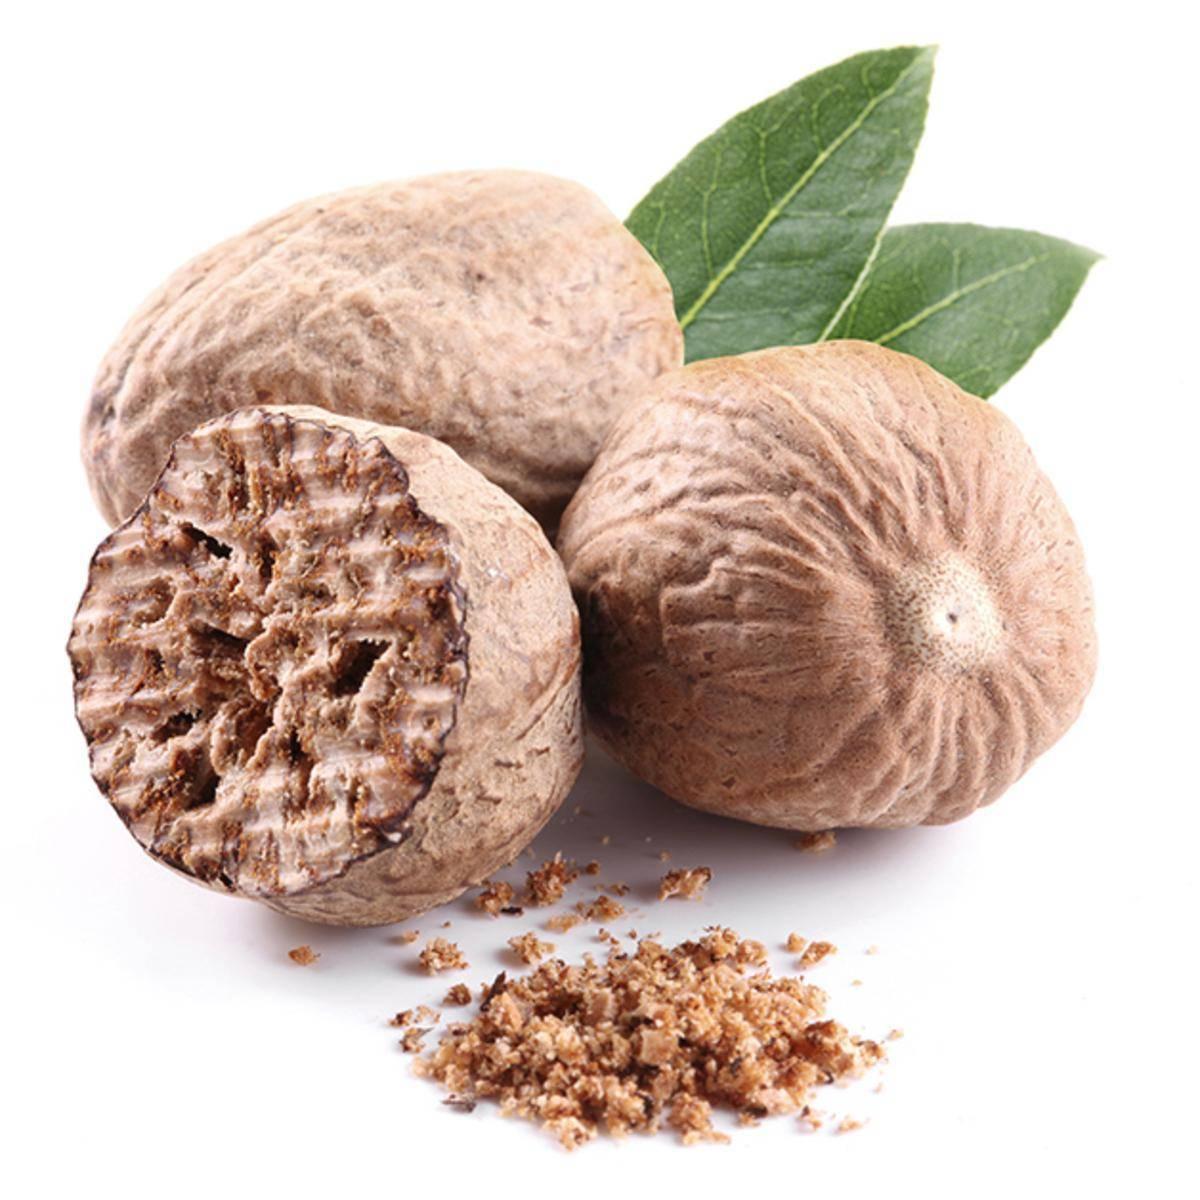 Польза и вред мускатного ореха — 8 фактов о влиянии на здоровье